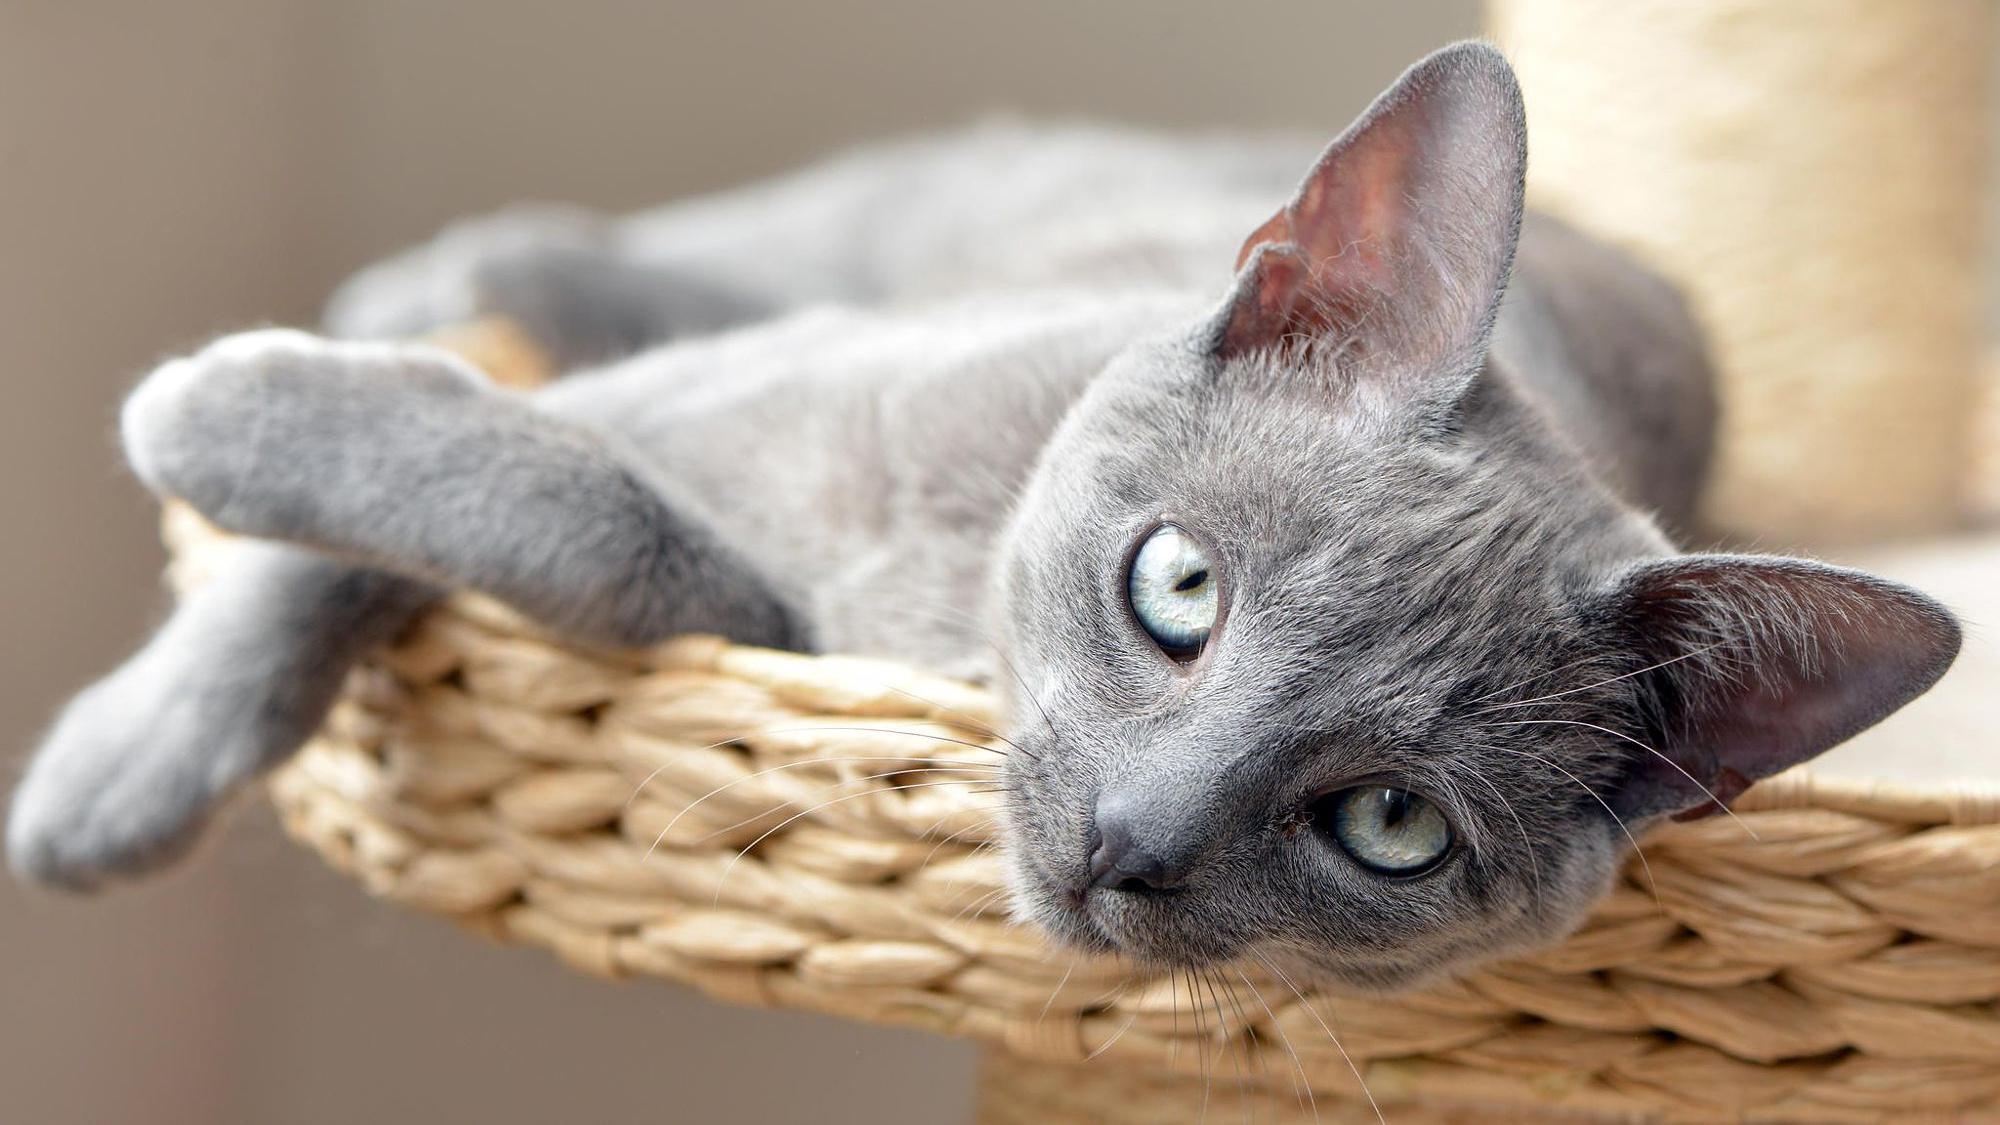 котенок дымчатый kitten smoky  № 2344430 бесплатно